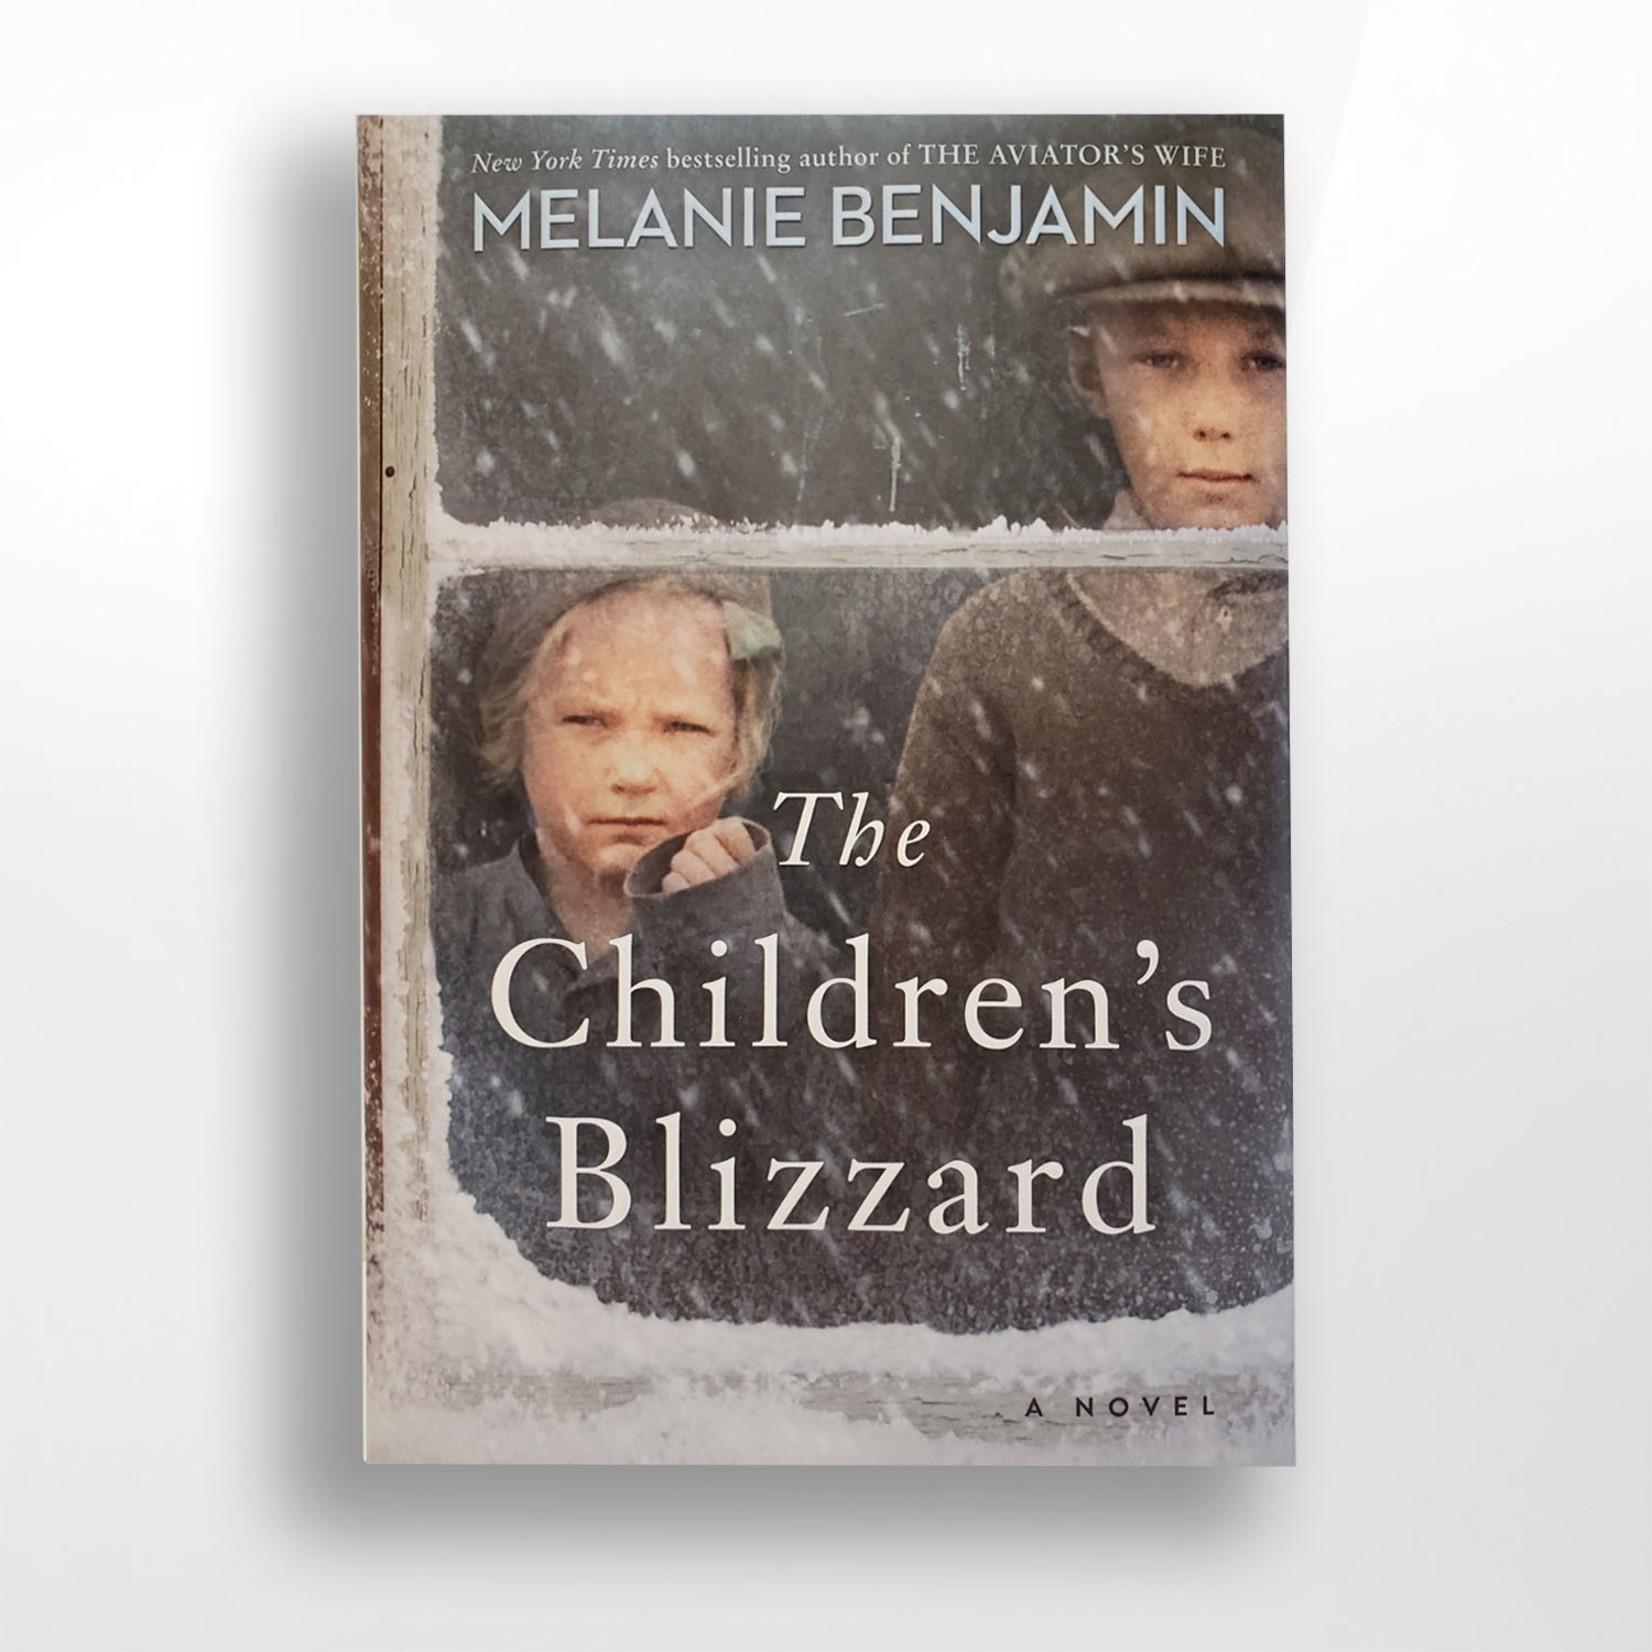 Ingram The Children's Blizzard